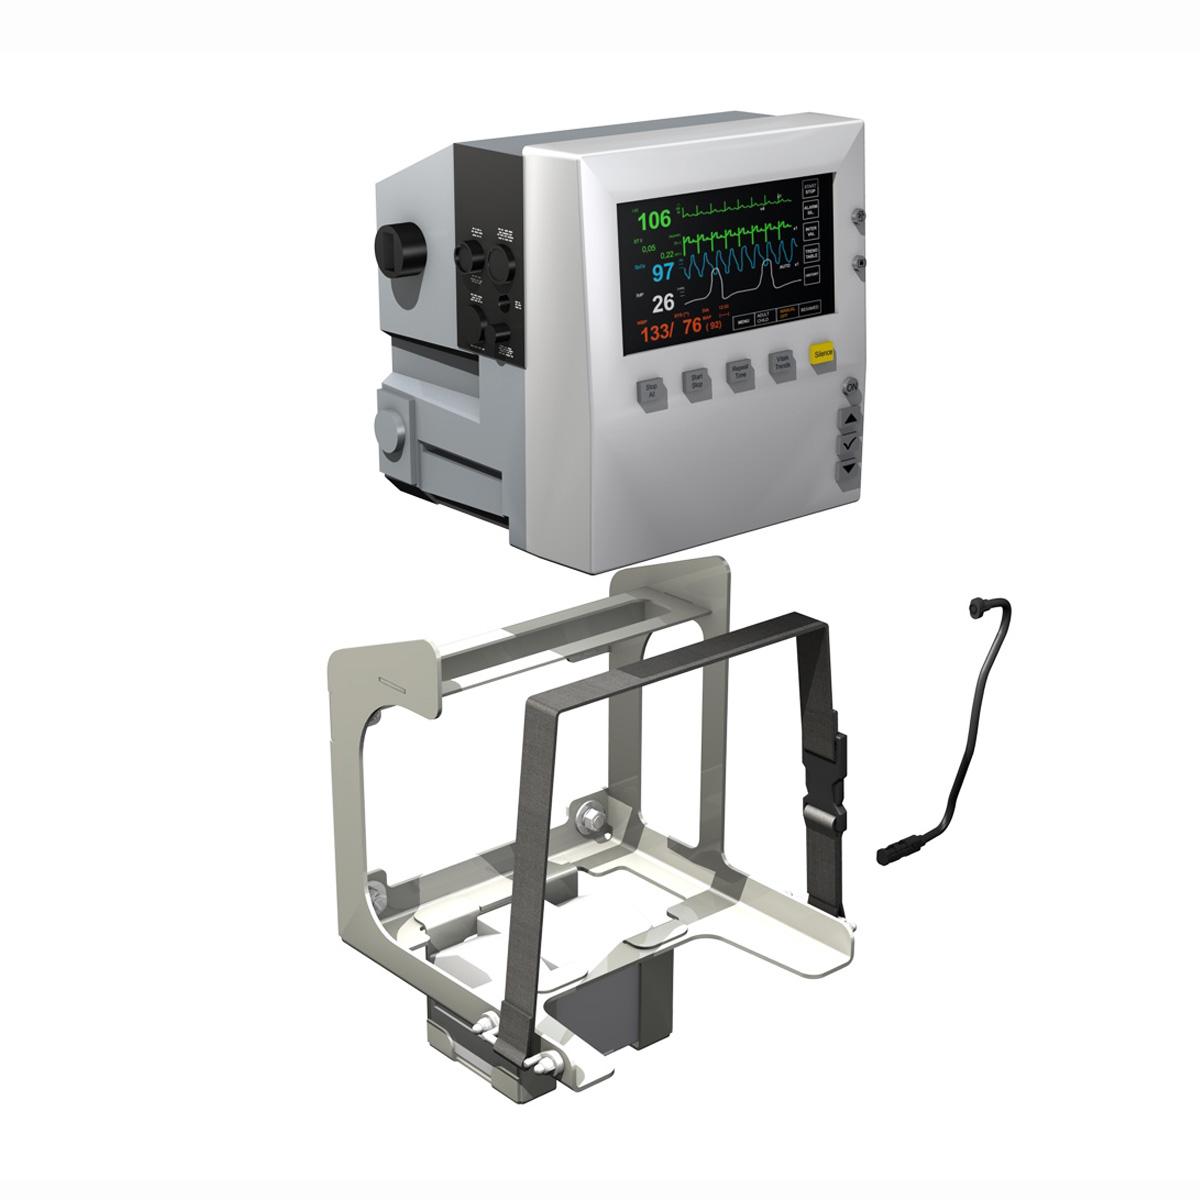 Patient Monitor 3d model 3ds c4d lwo obj 264450